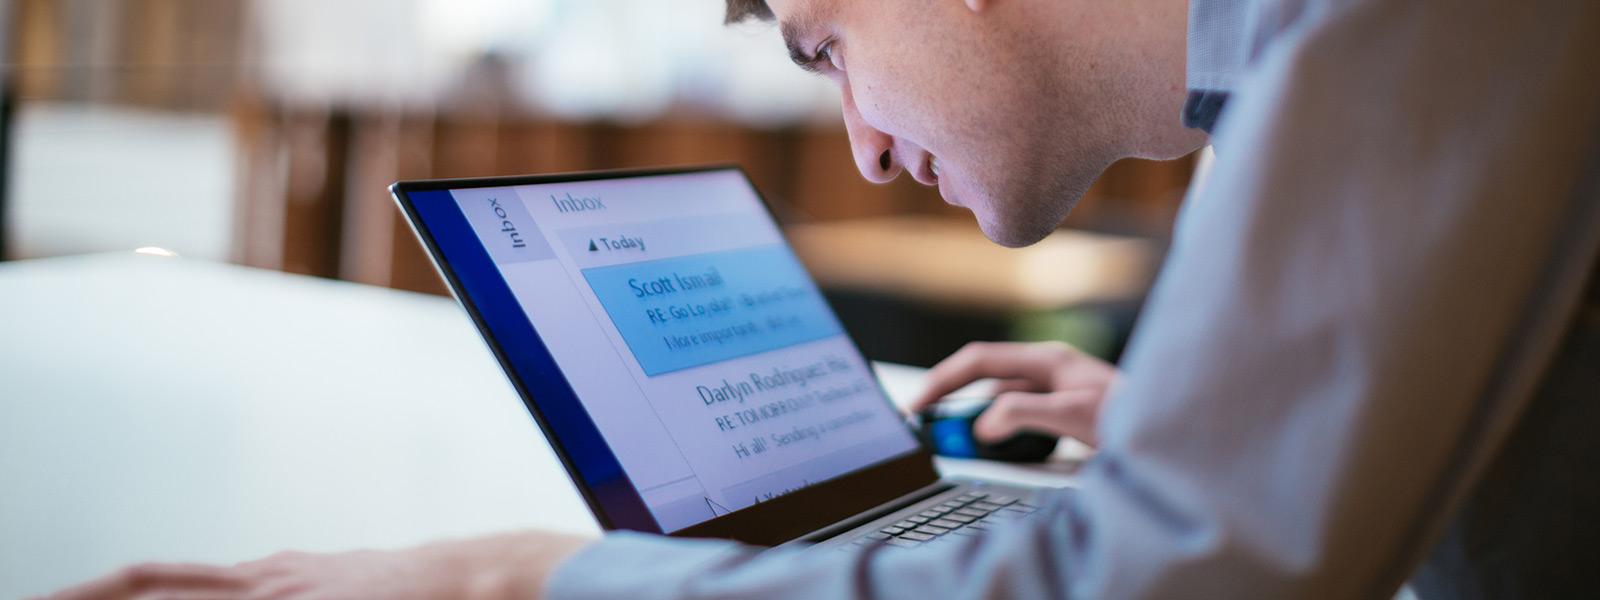 Un uomo lavora con il suo computer Windows 10, sullo schermo è visualizzato un testo di grandi dimensioni di facile lettura